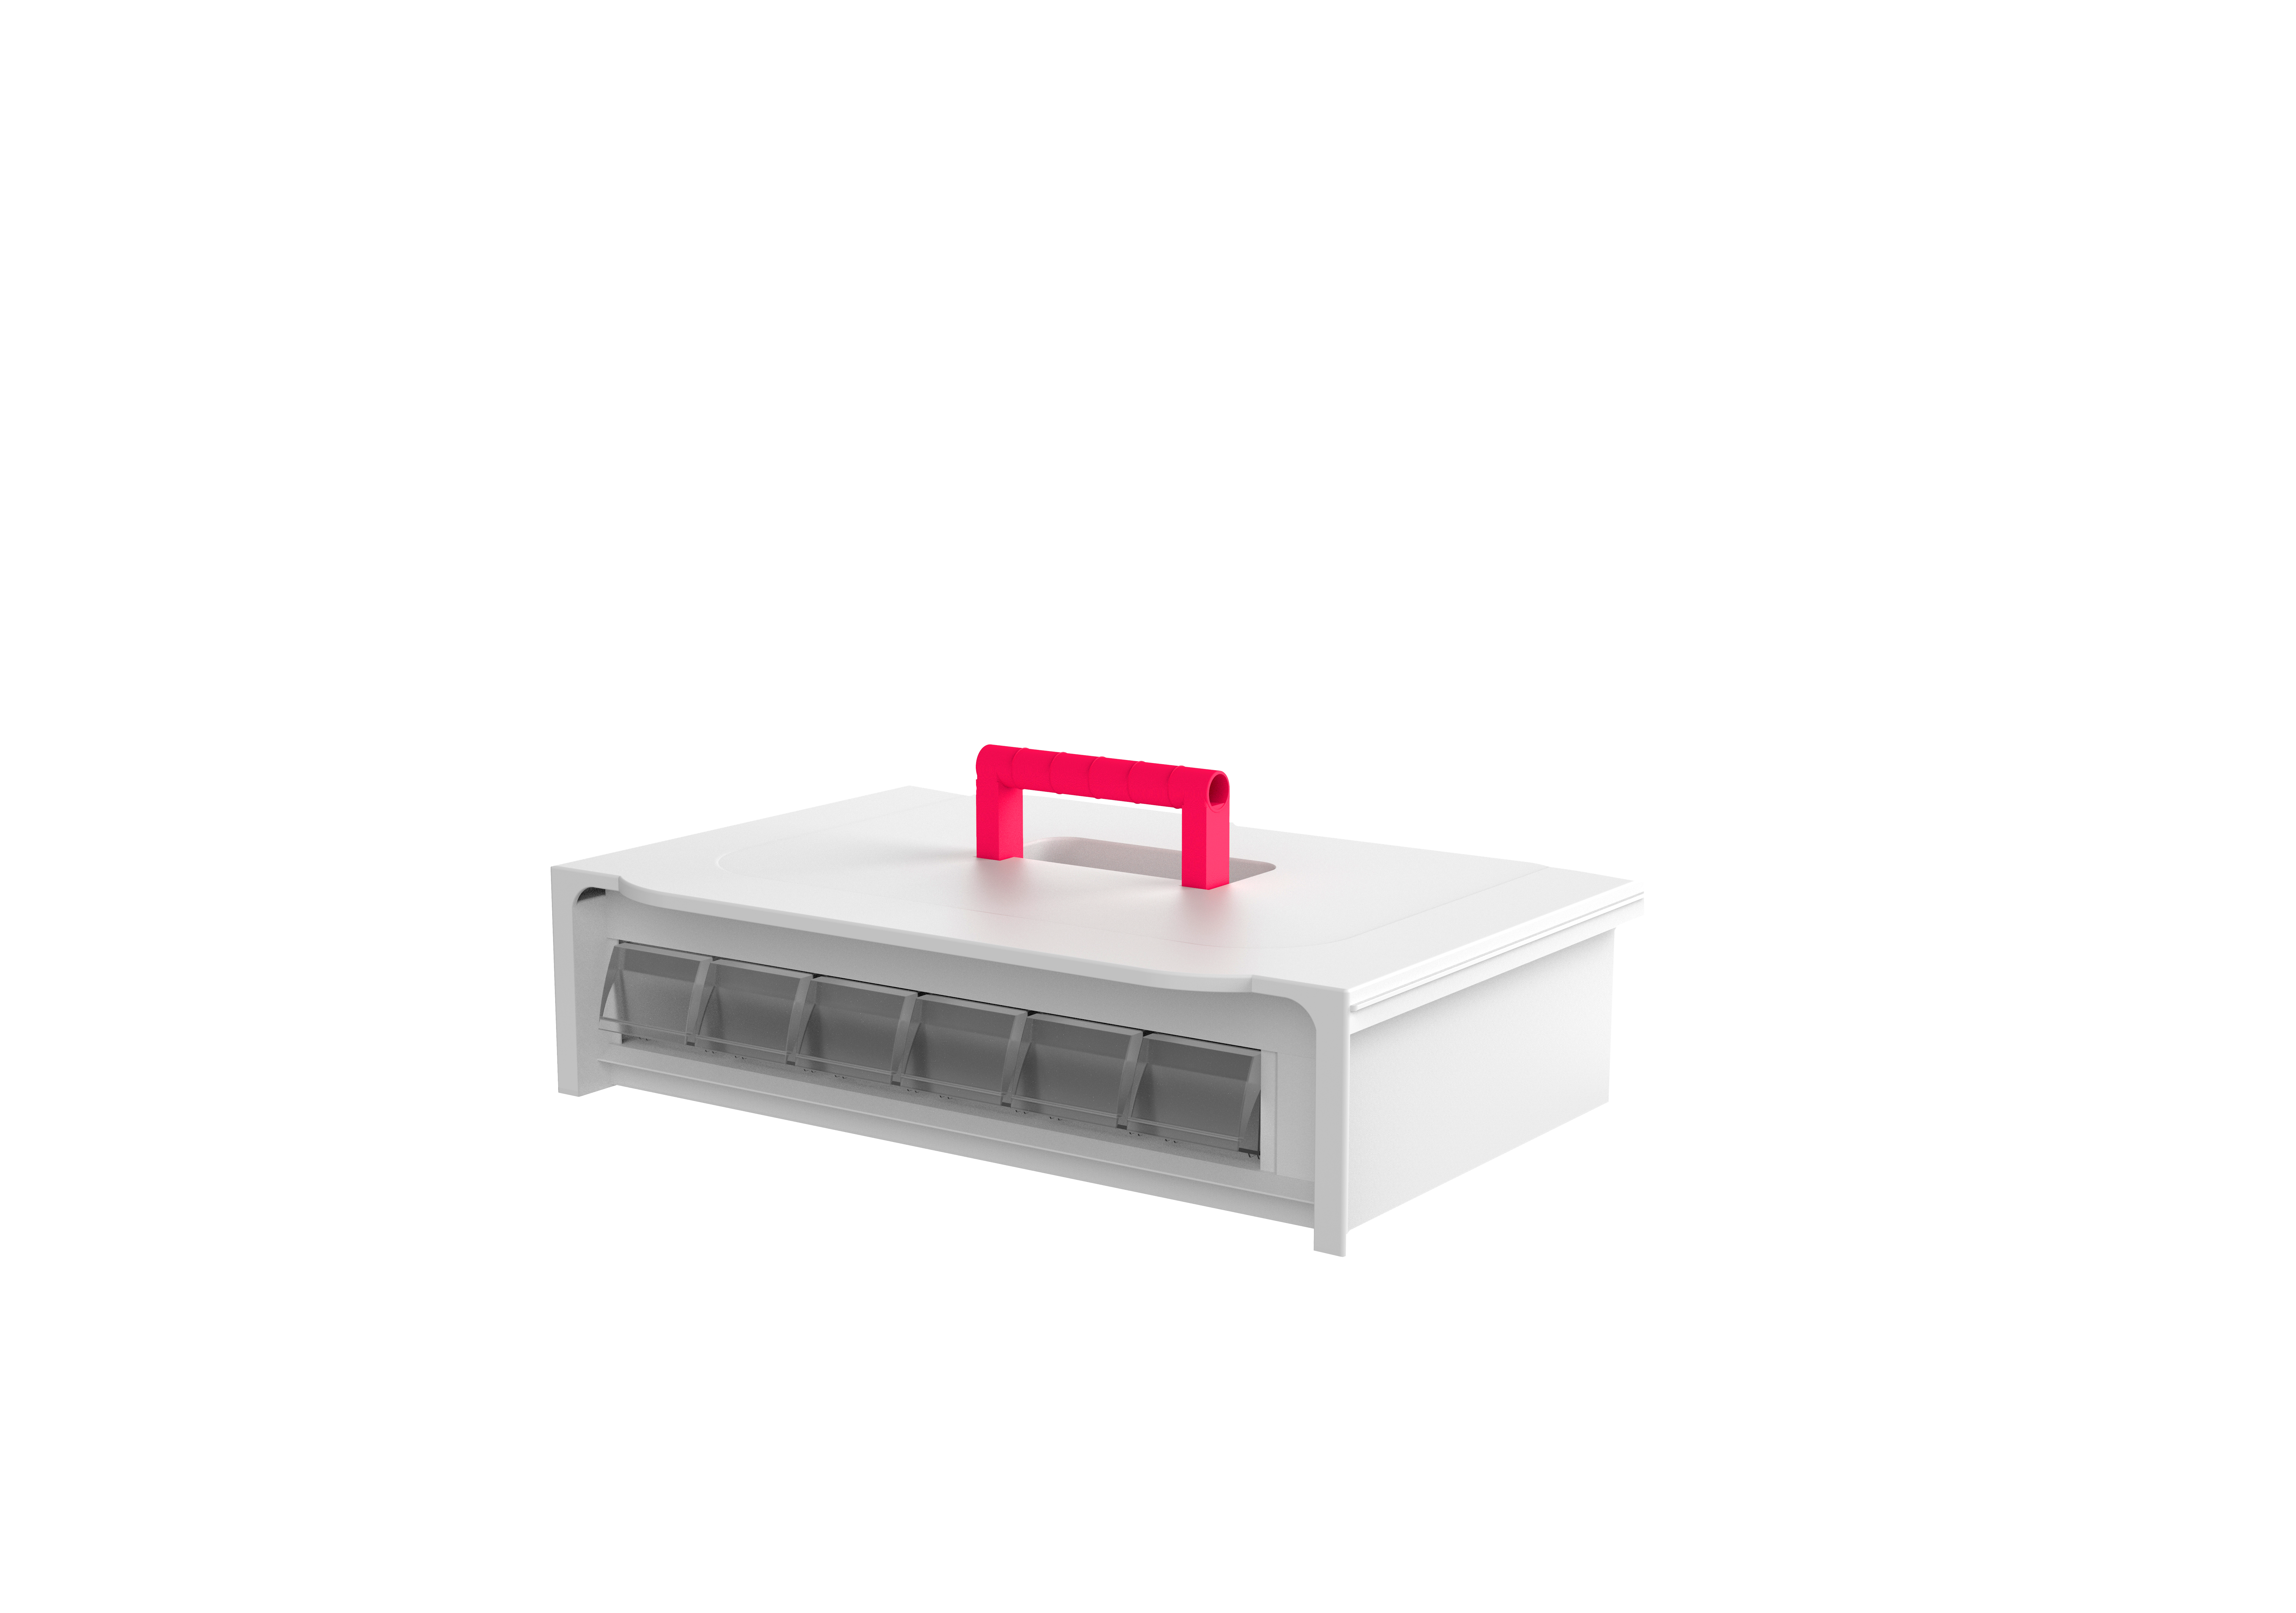 Cassette de 1 fila con 6 cubetas pequeñas en su interior